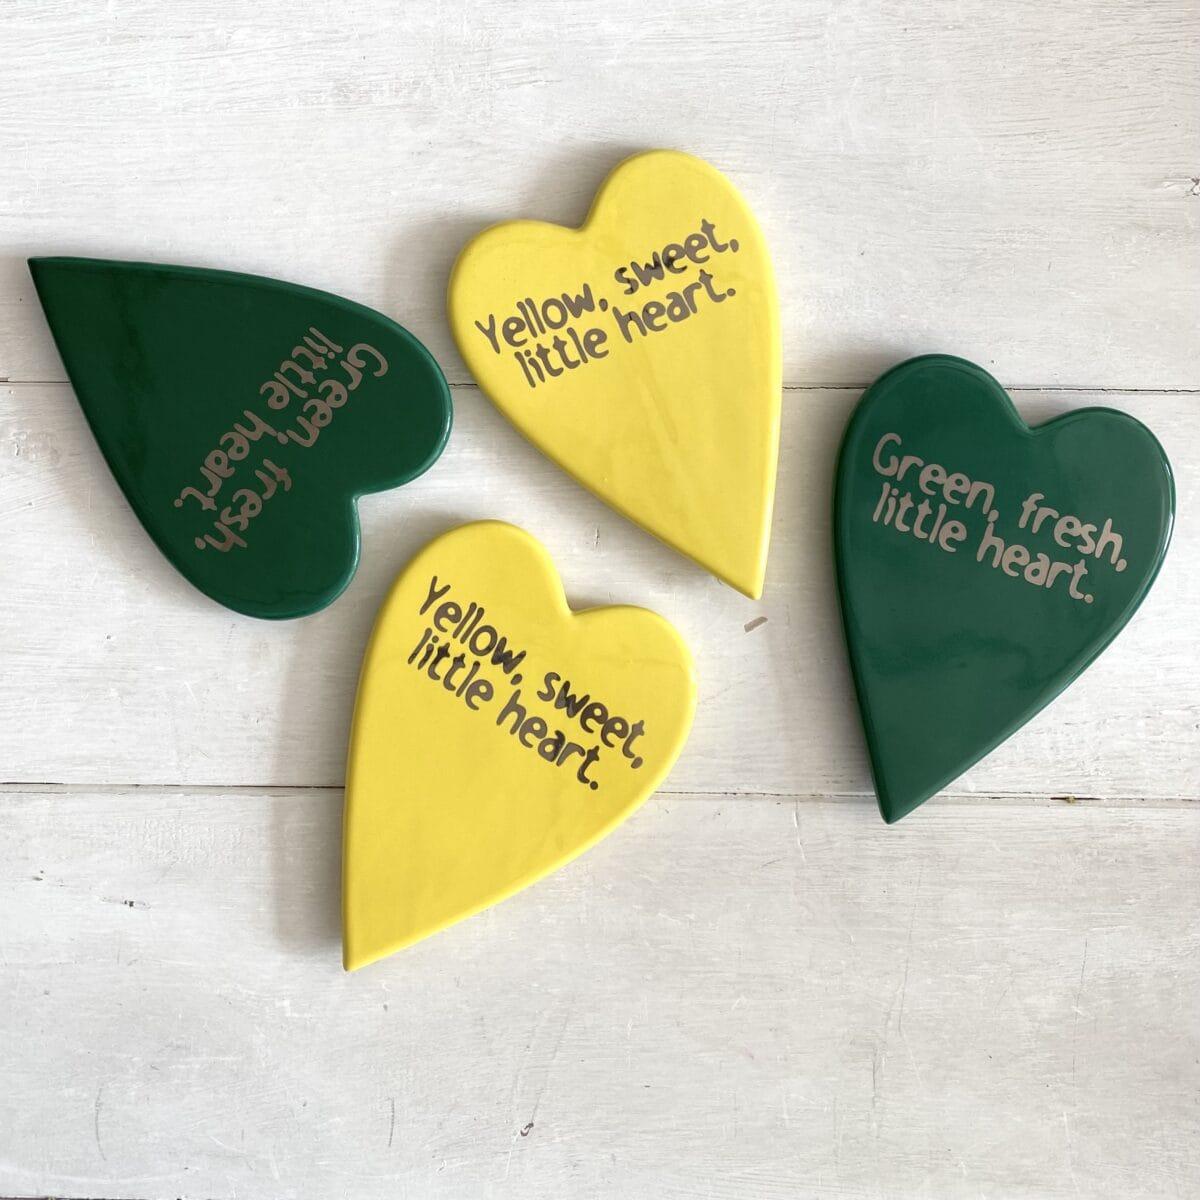 sottopentola in ceramica a forma di cuore nei colori giallo e verde